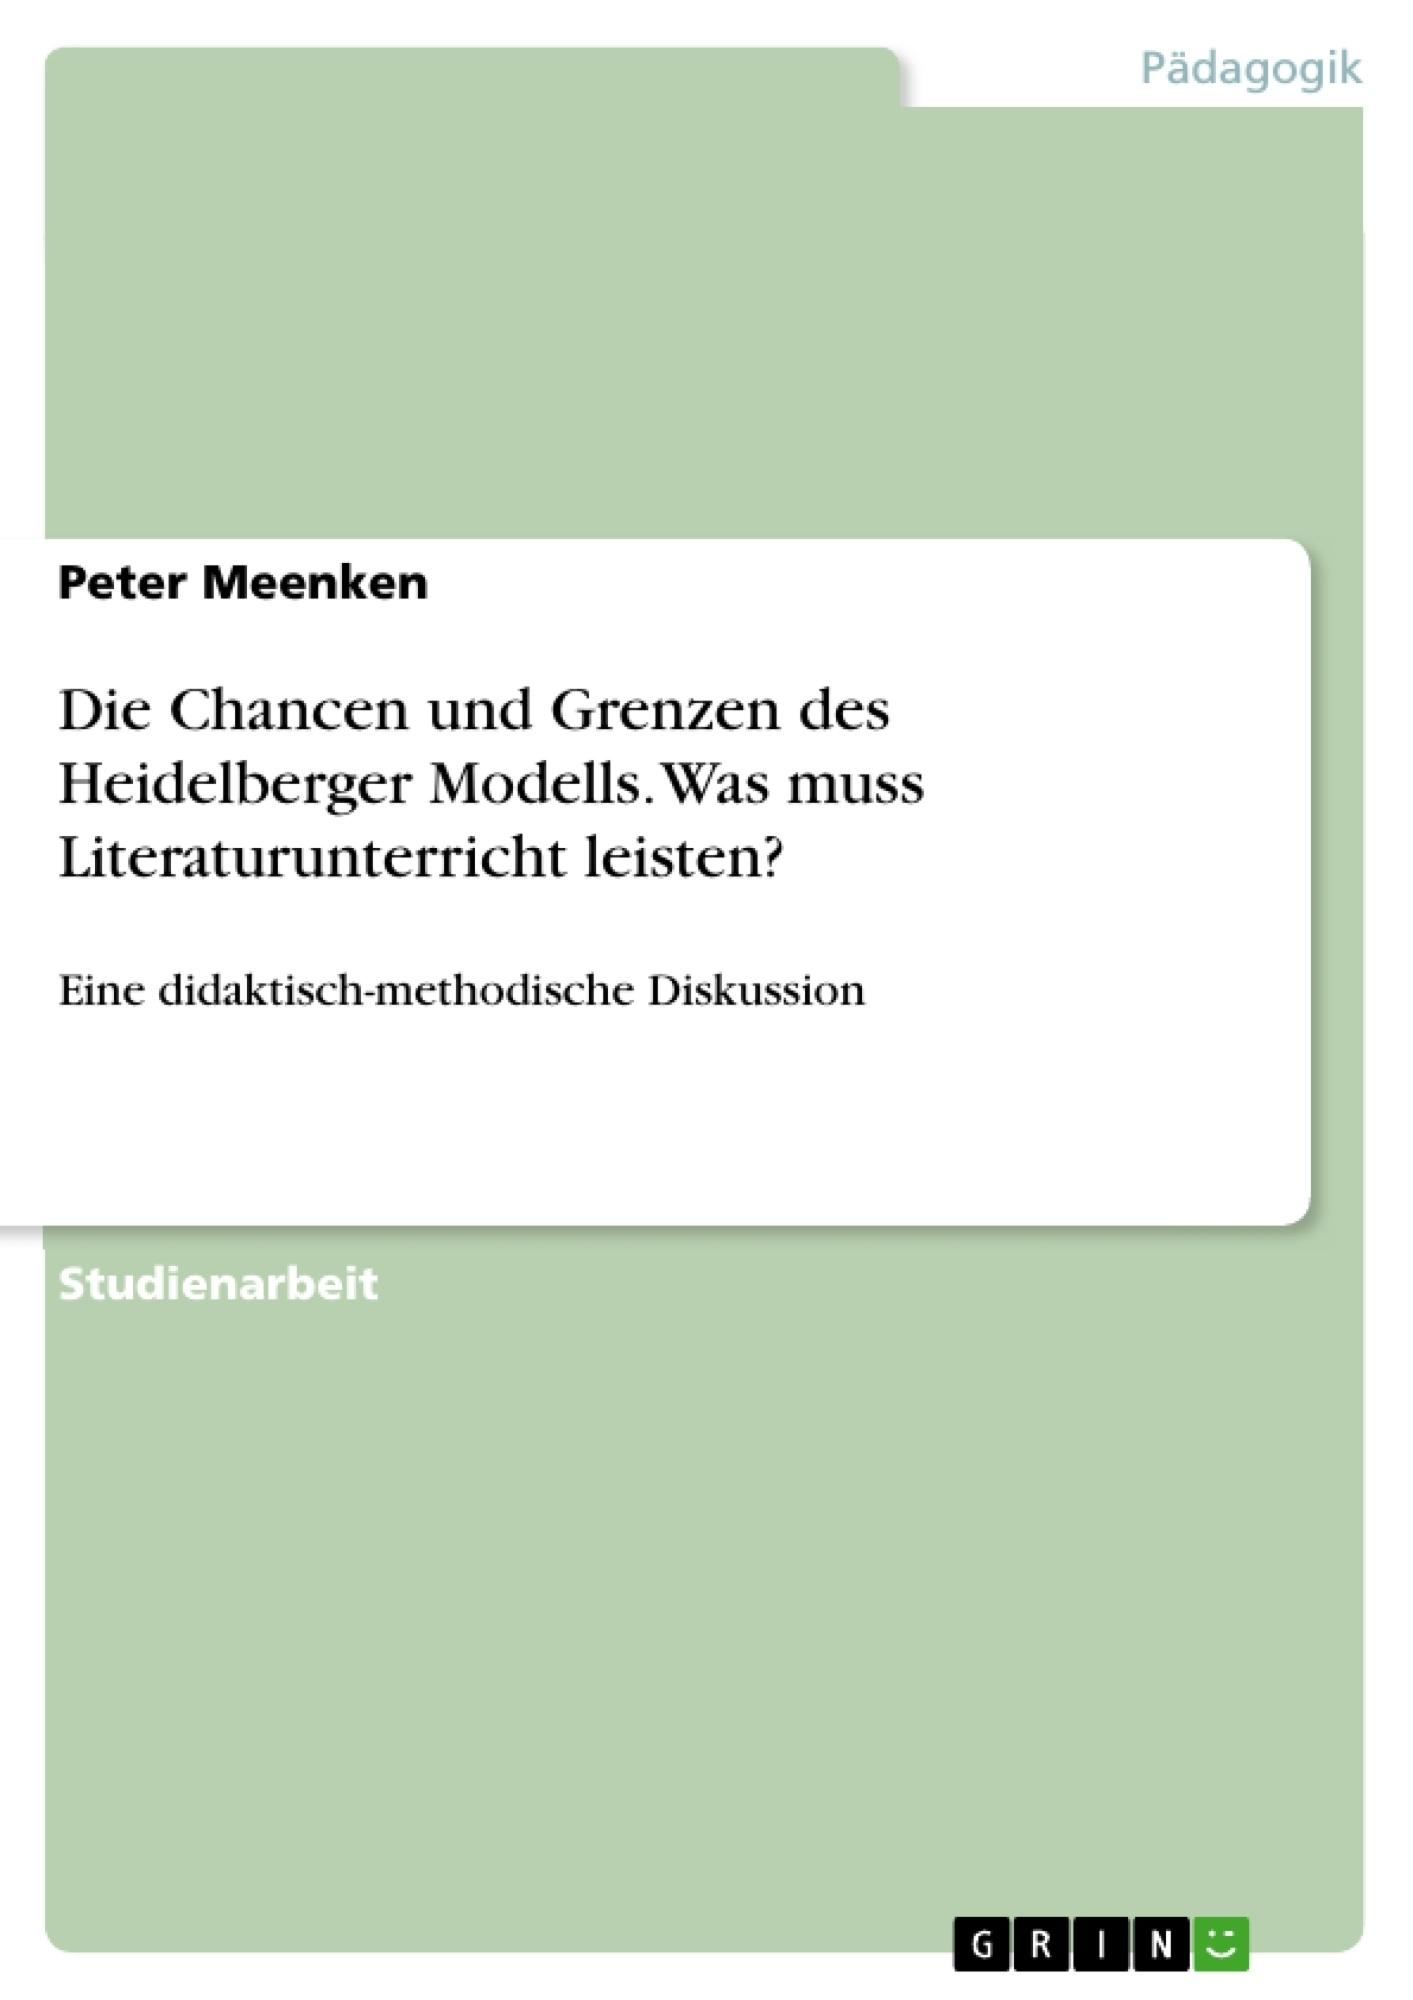 Titel: Die Chancen und Grenzen des Heidelberger Modells. Was muss Literaturunterricht leisten?